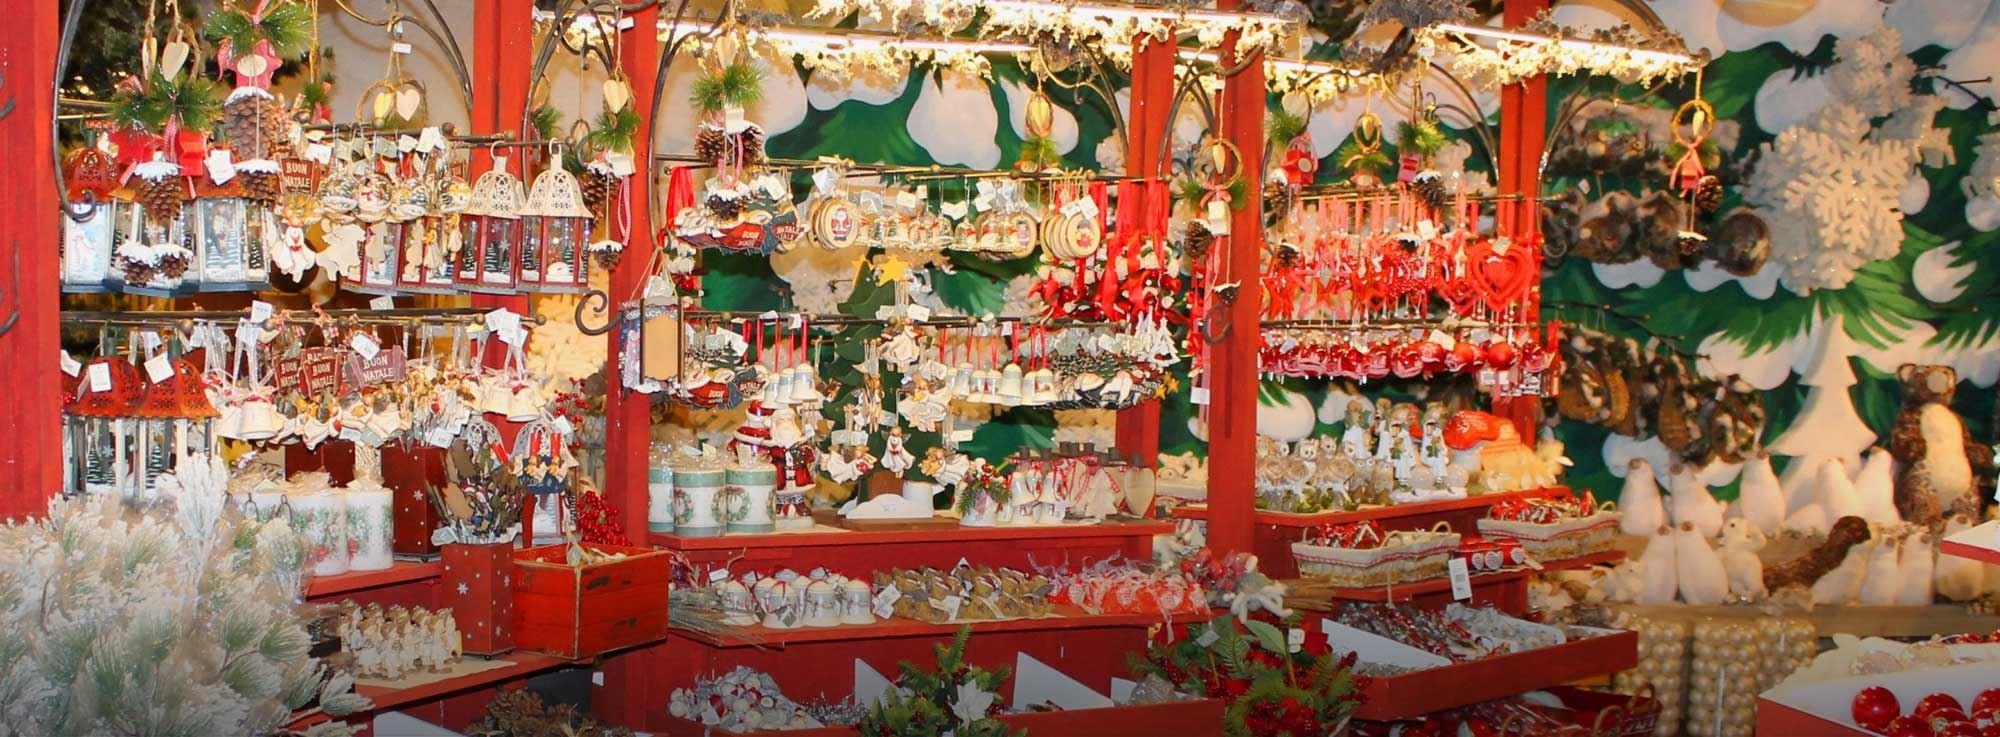 Castellana Grotte: Villaggio di Babbo Natale